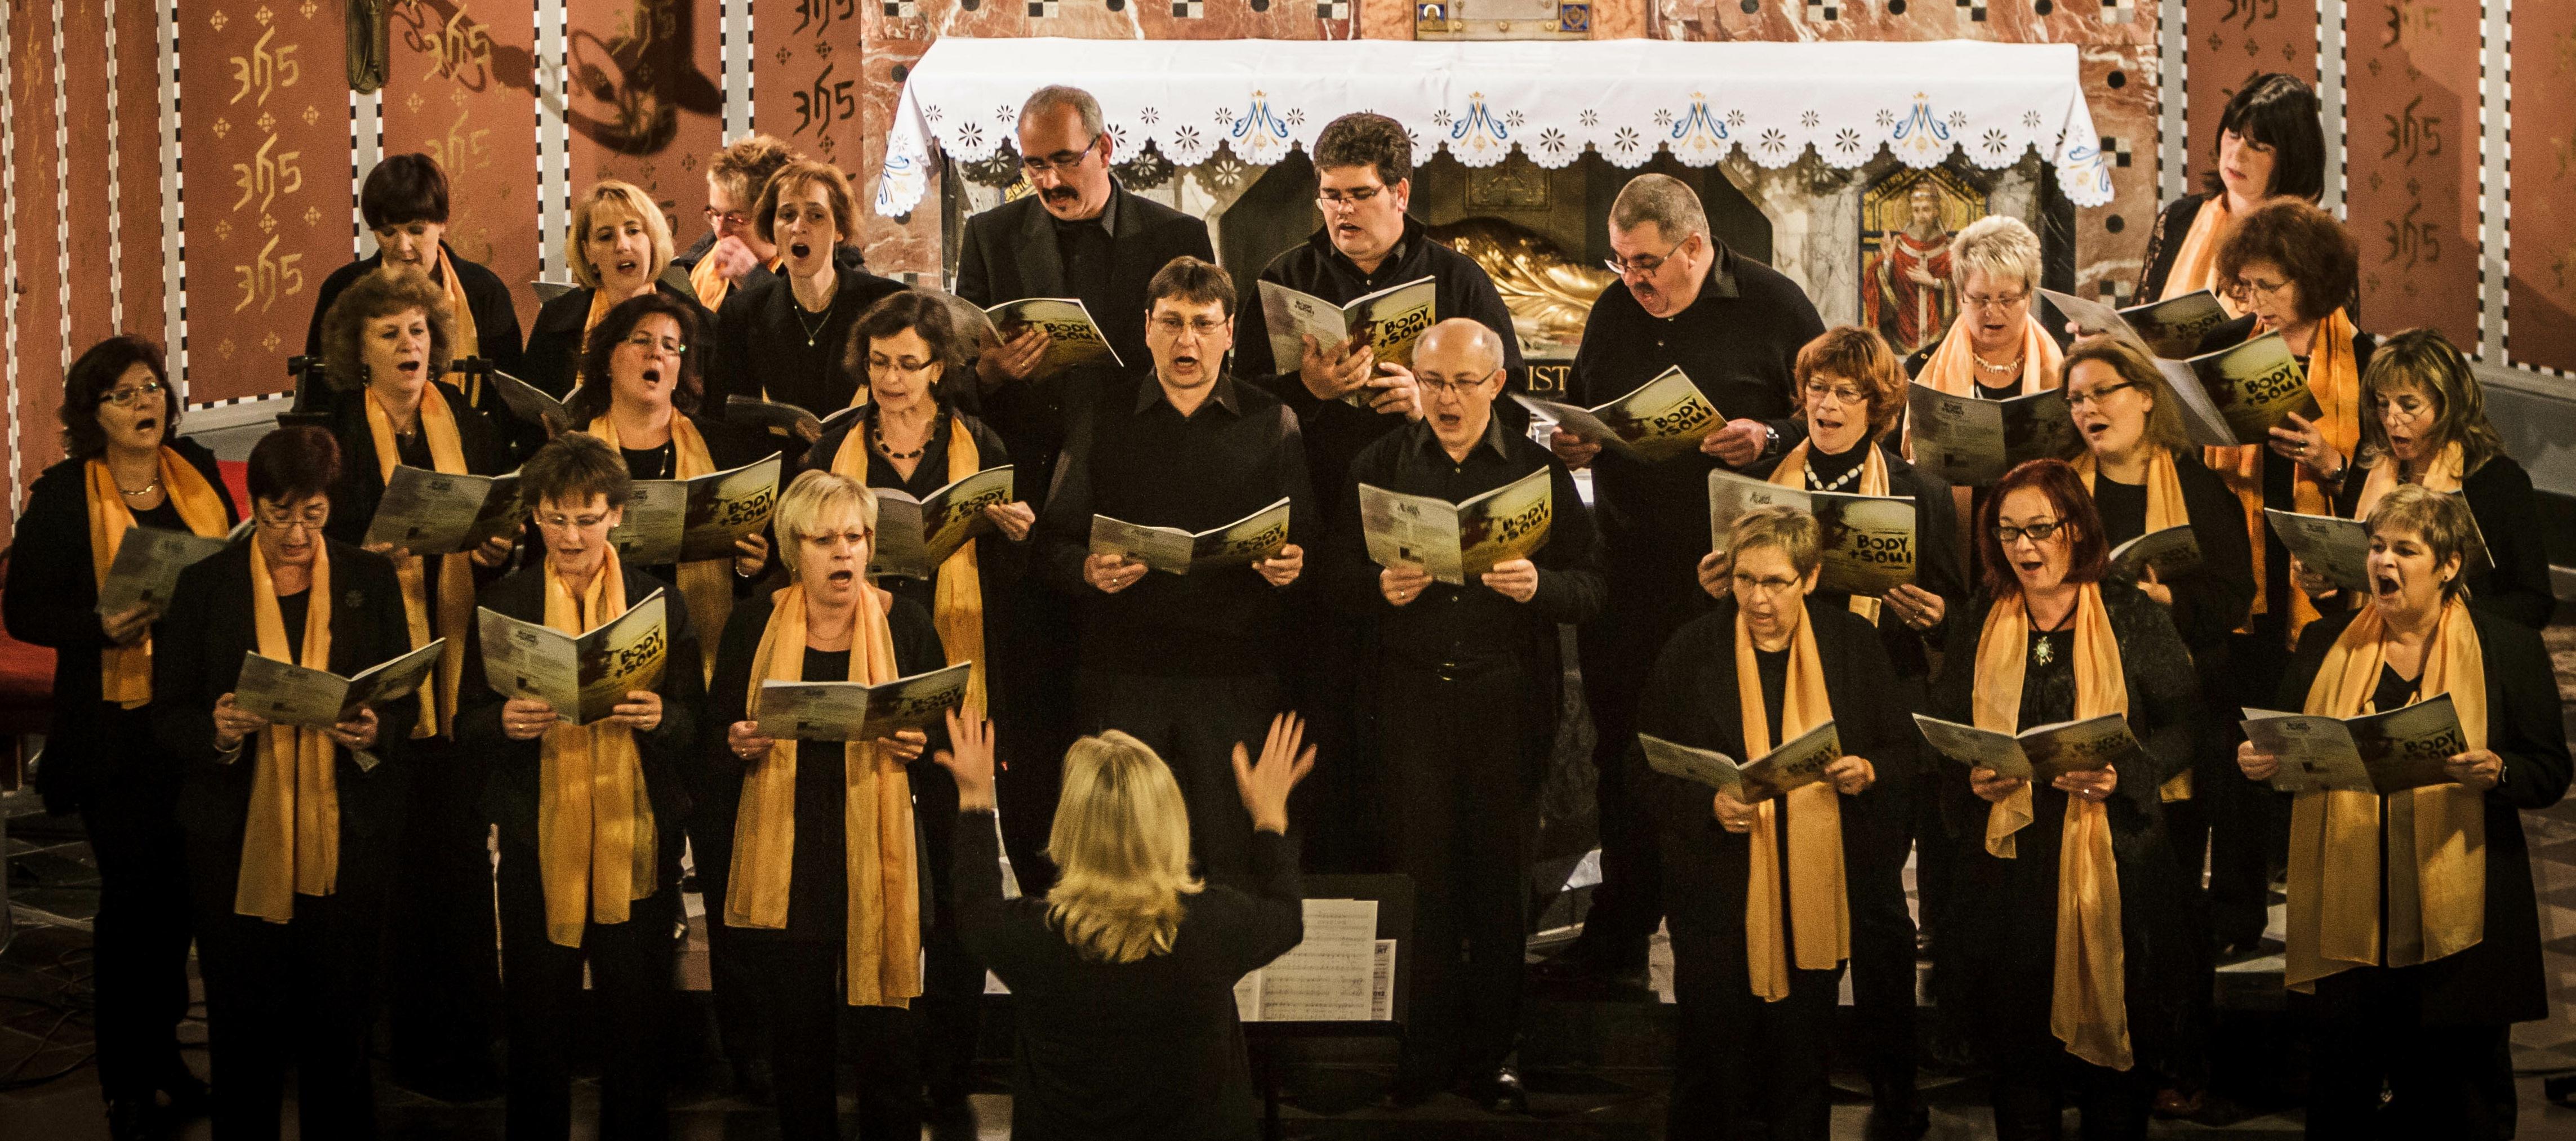 """Singen für eine gerechtere Welt –  Konzert des Chores """"Spirits of Ham-O-Nie"""" am 24. April 2016"""